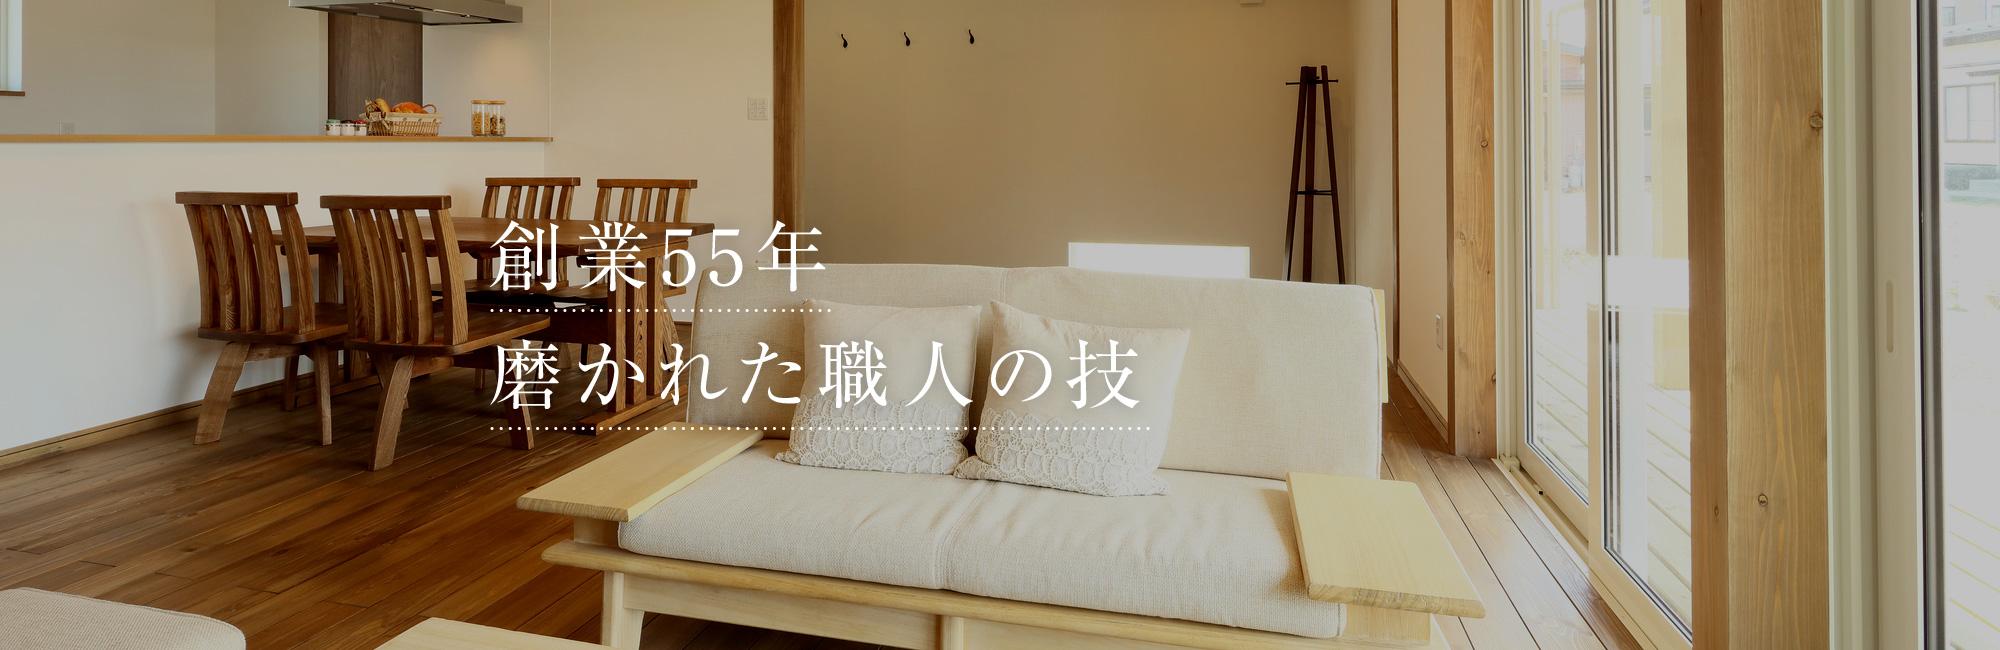 株式会社瀬尾工務店